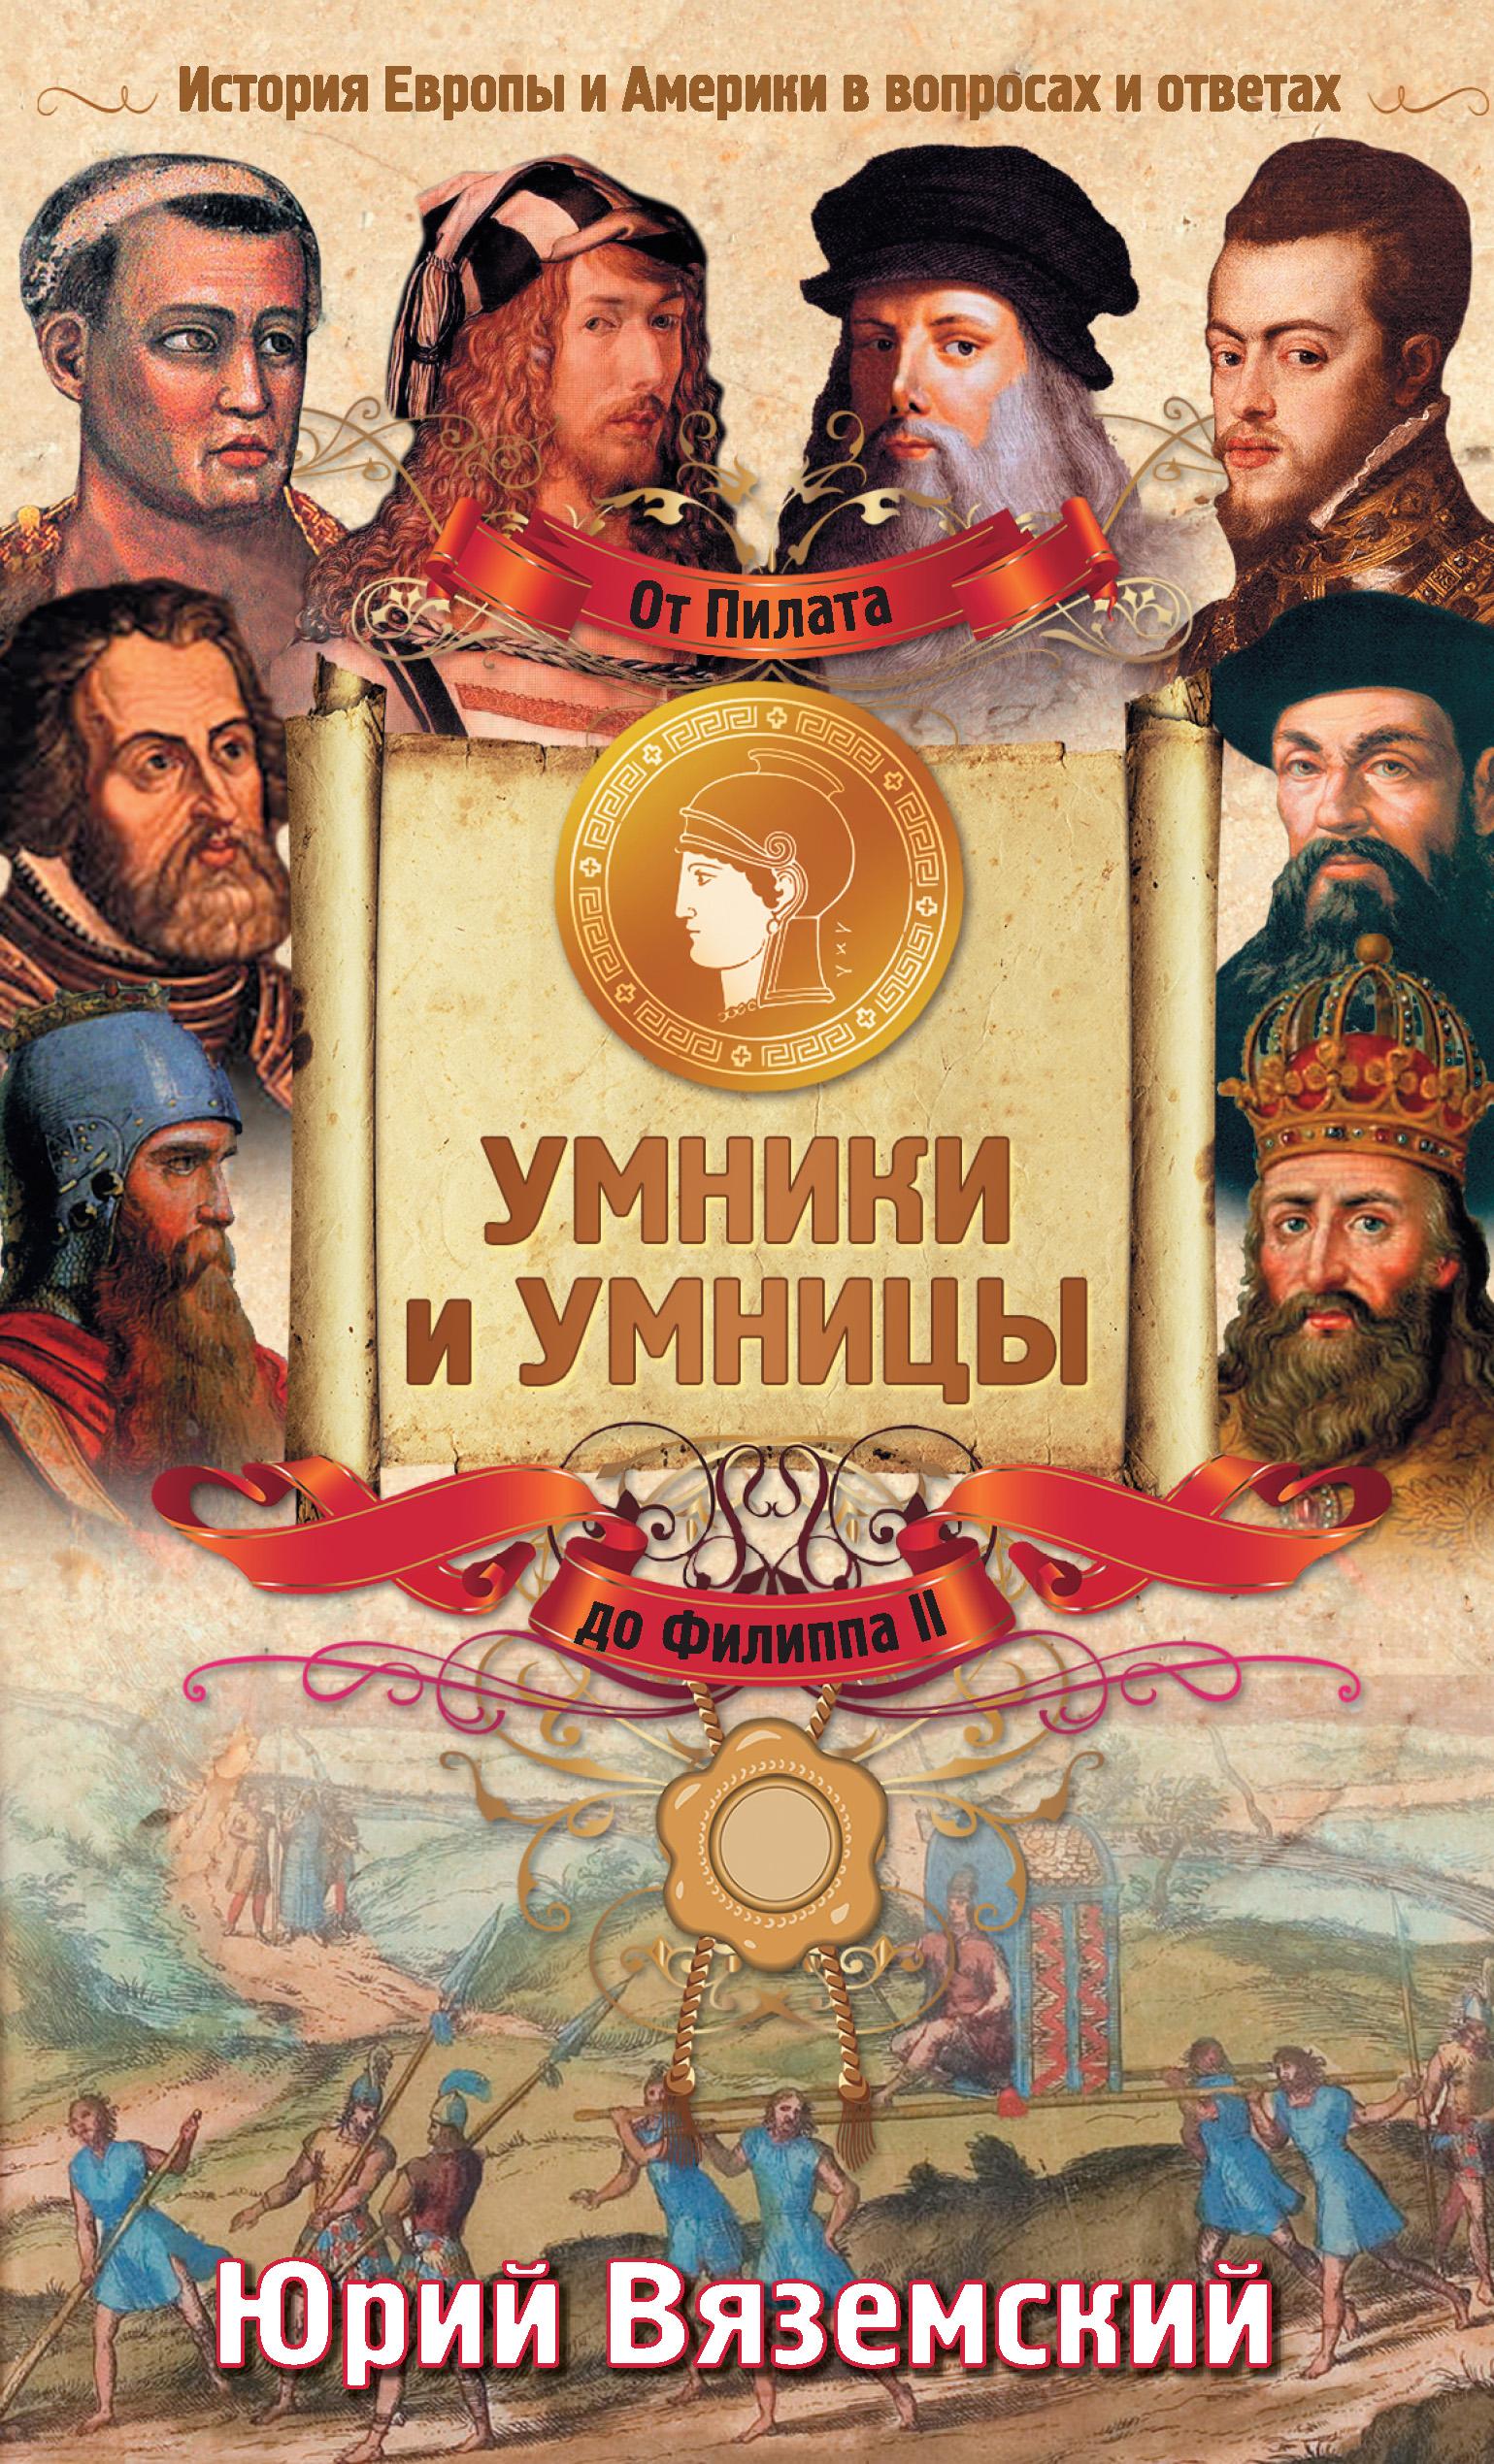 Юрий Вяземский «От Пилата до Филиппа II. История Европы и Америки в вопросах и ответах»